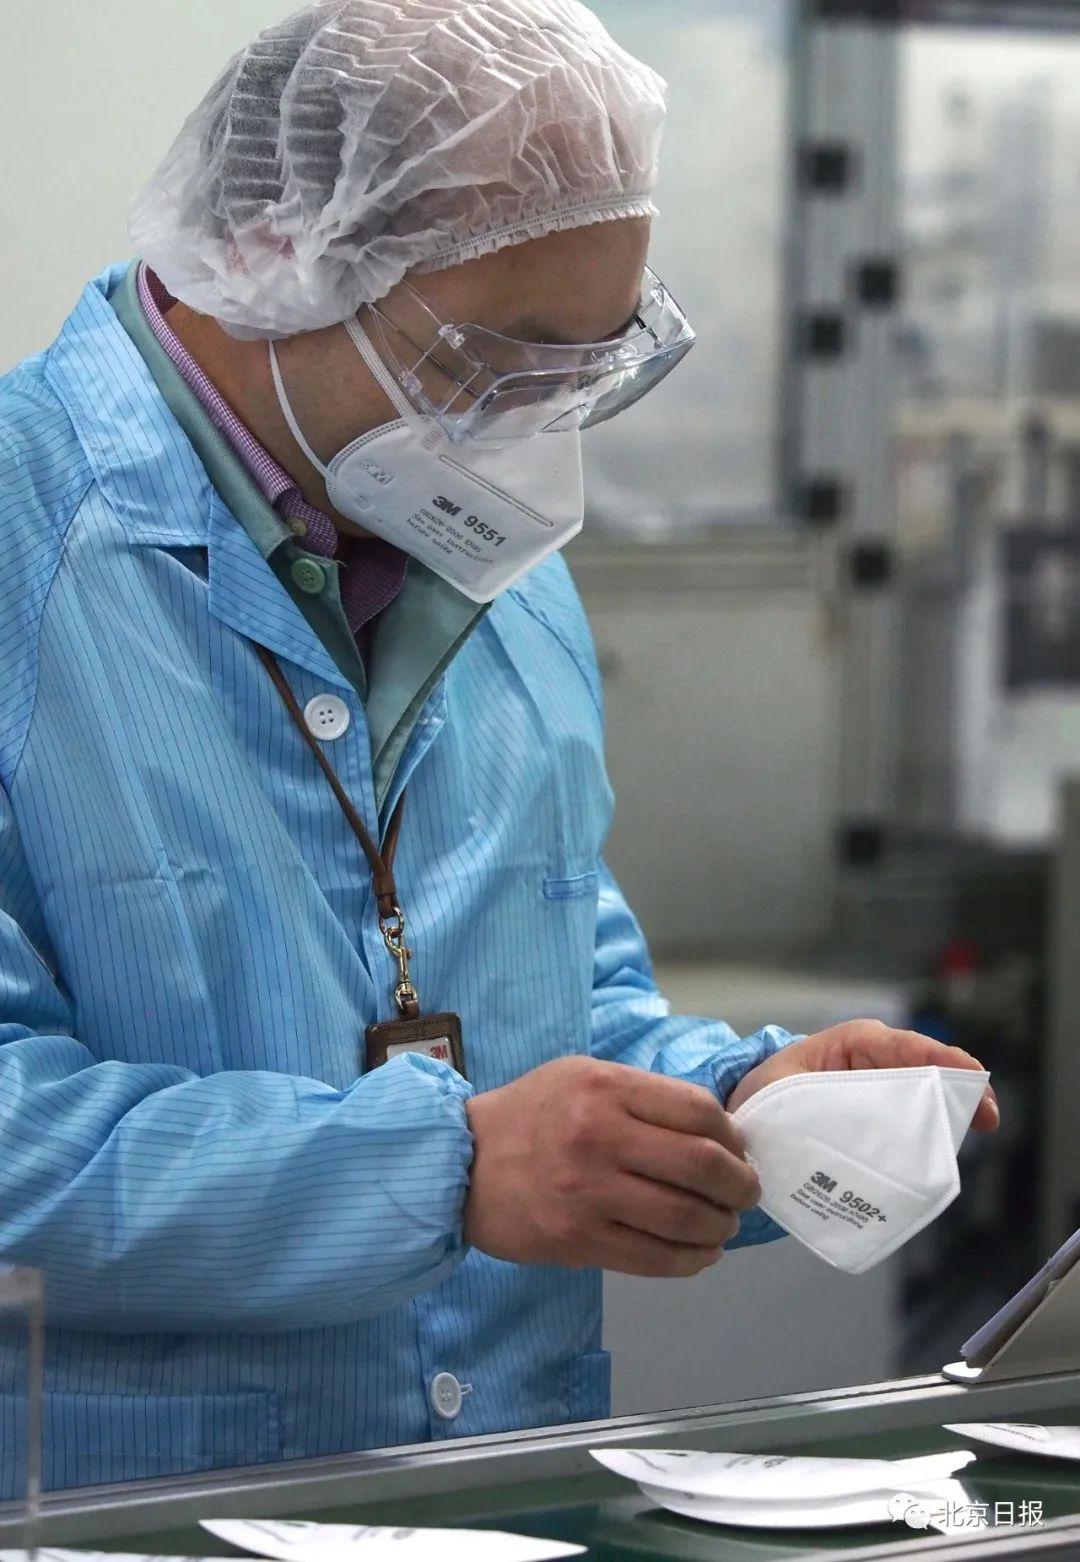 频频变脸,美国为何改口接受中国标准口罩?图片